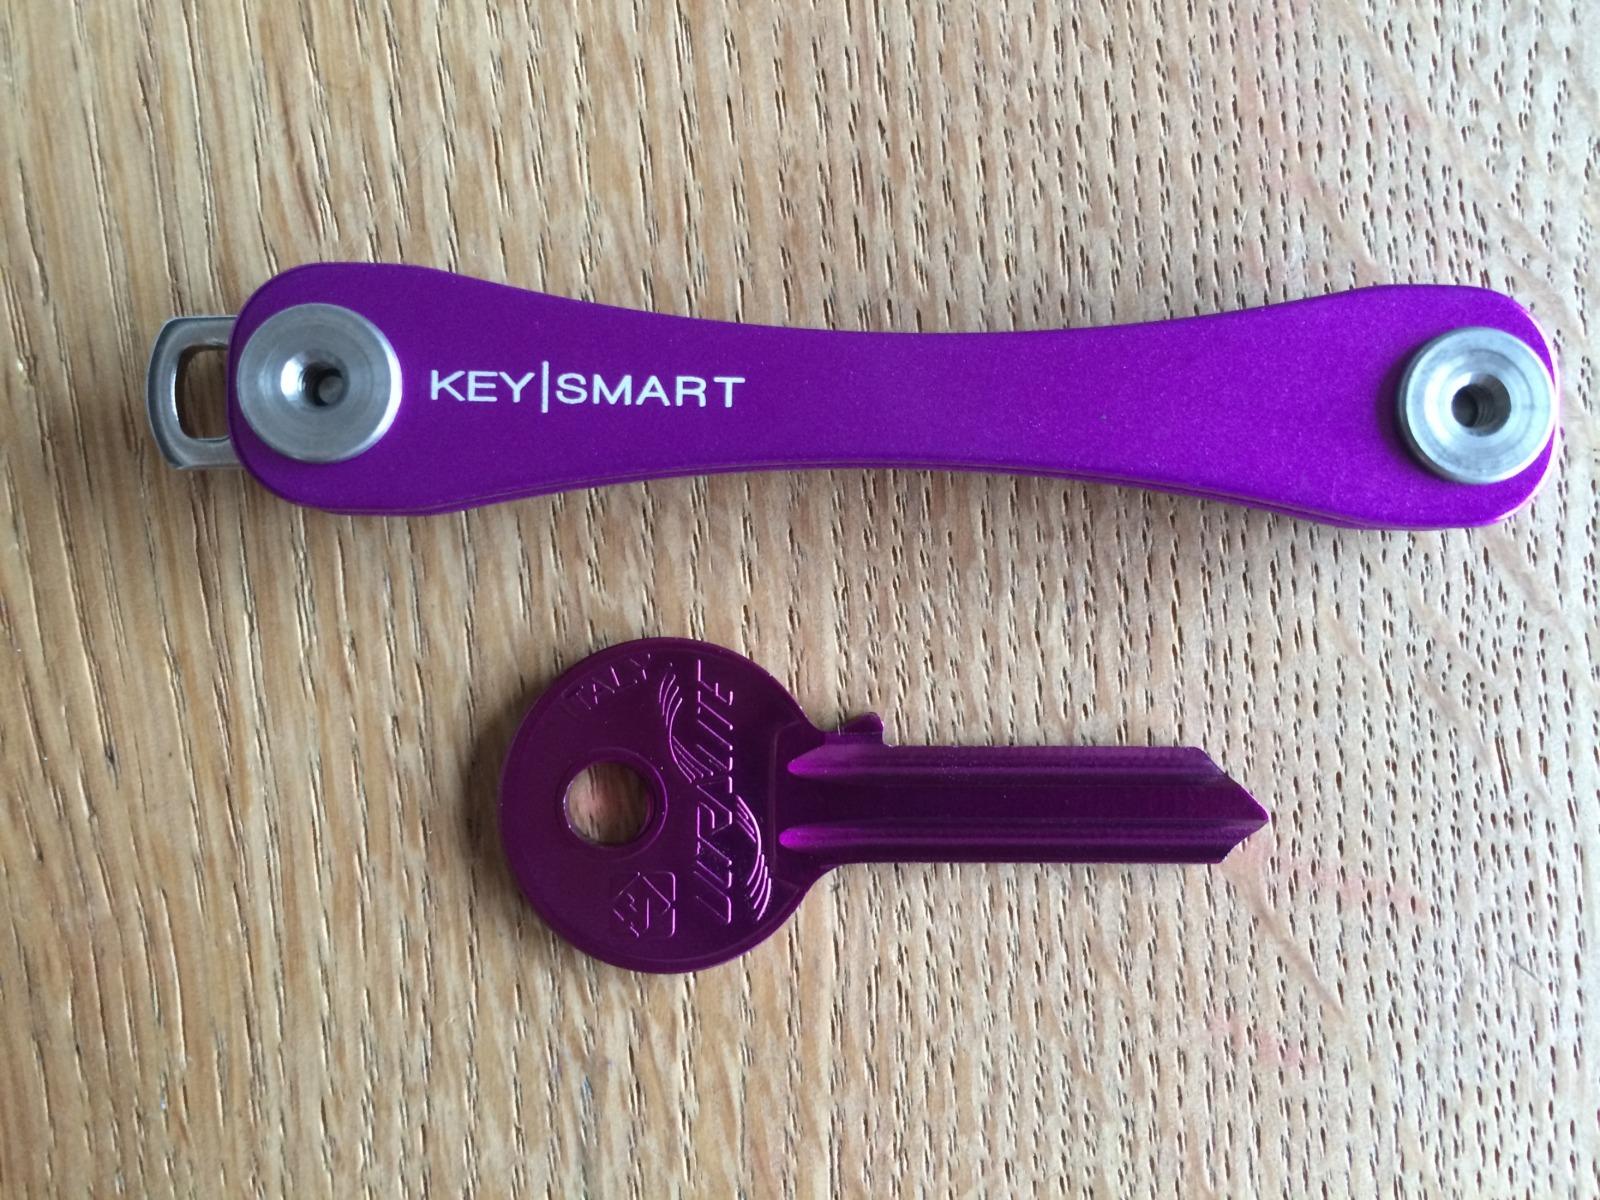 Ultralite-Ersatzschlüssel für den Keysmart 7